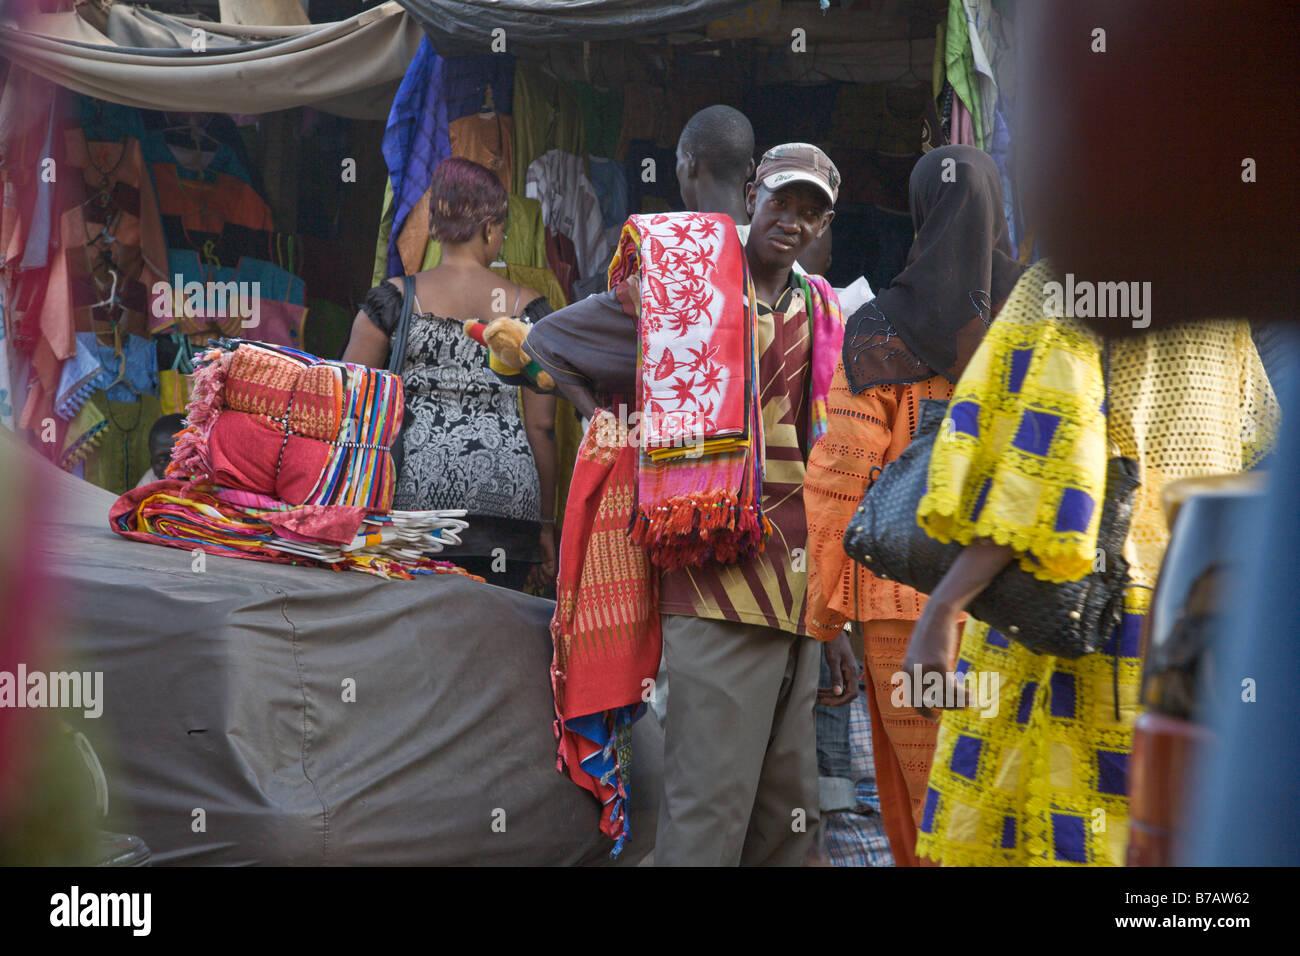 L'HLM mercati di Dakar in Senegal vende tutti i tipi di panni colorati. Molti dei venditori venuto qui dalla Immagini Stock